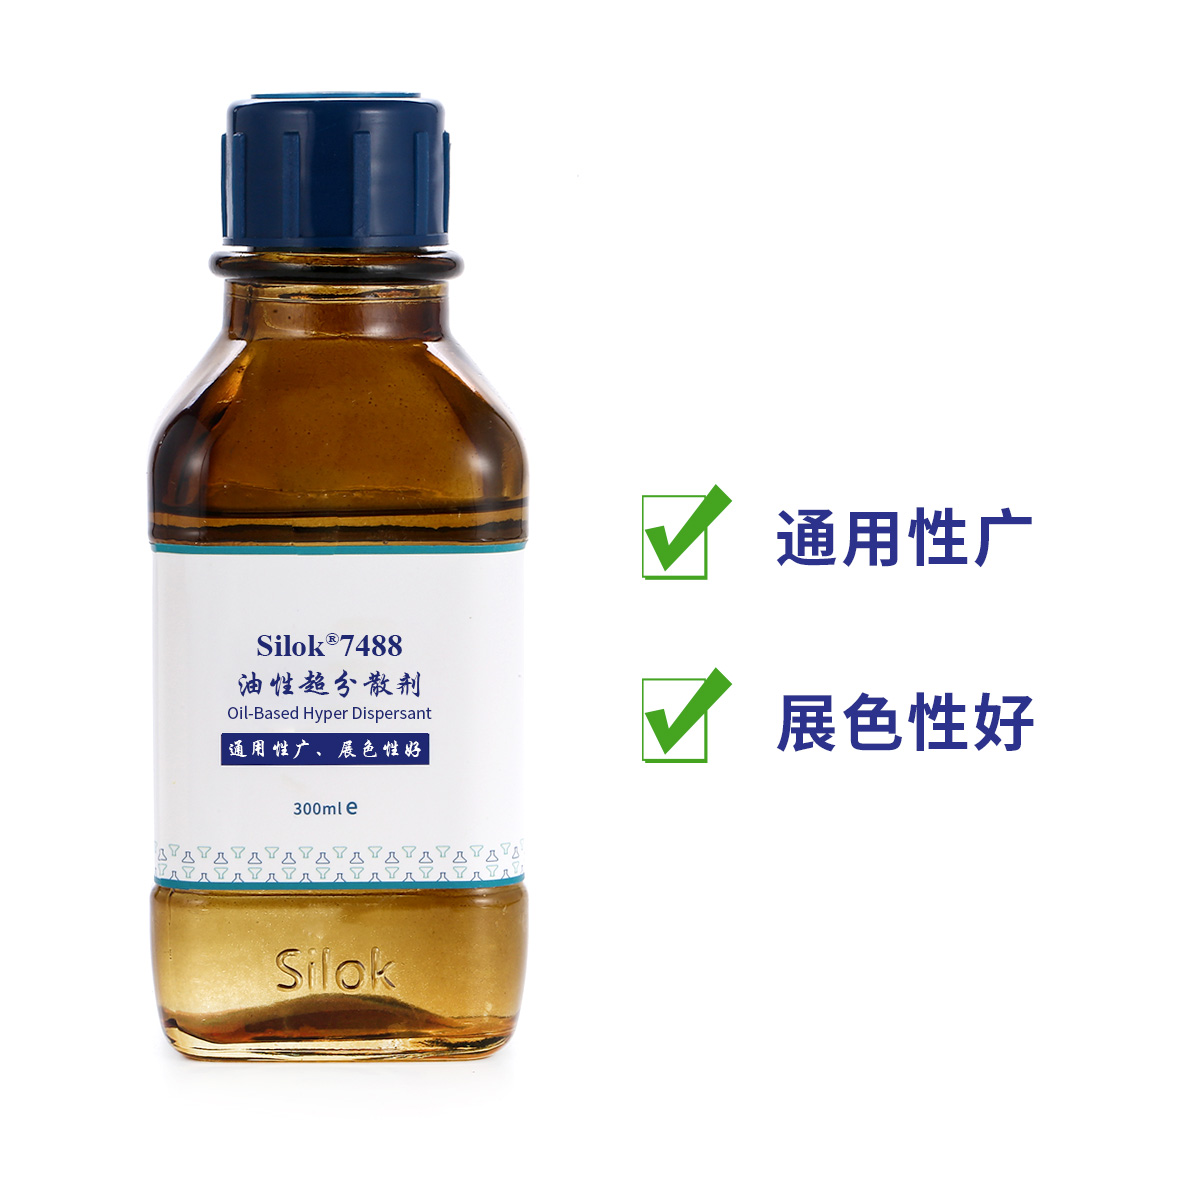 油性超分散剂